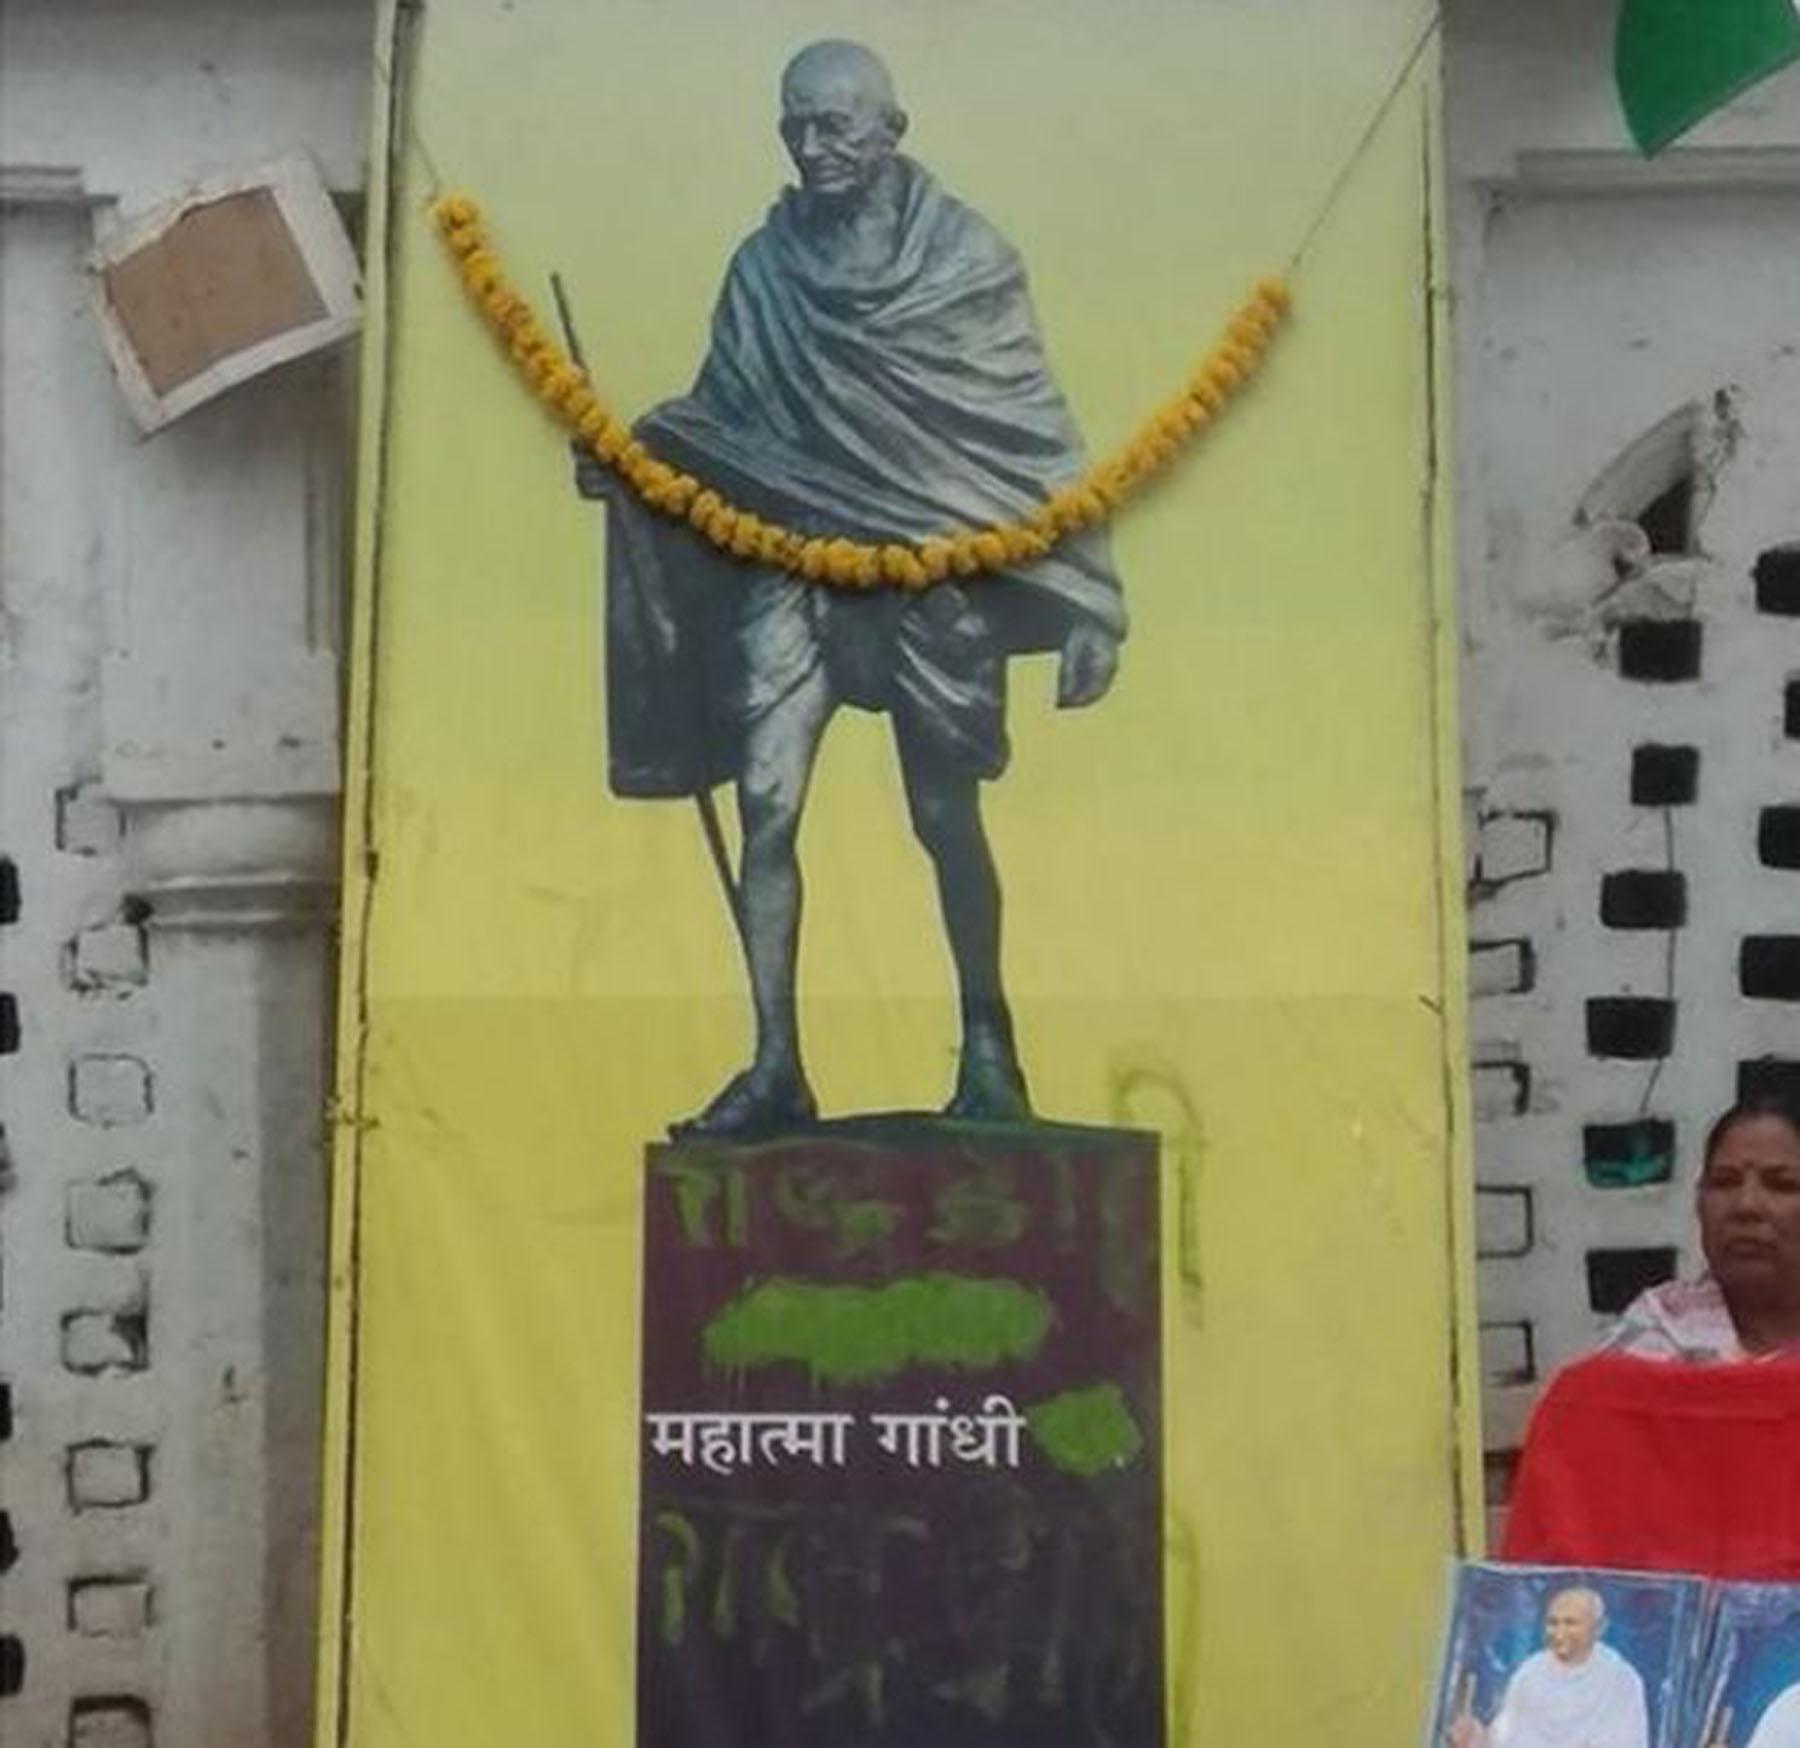 रींवा के भारत भवन से महात्मा गाँधी के अस्थिकलश चोरी, बापू की तस्वीर पर लिखा ''राष्ट्रदोही'।